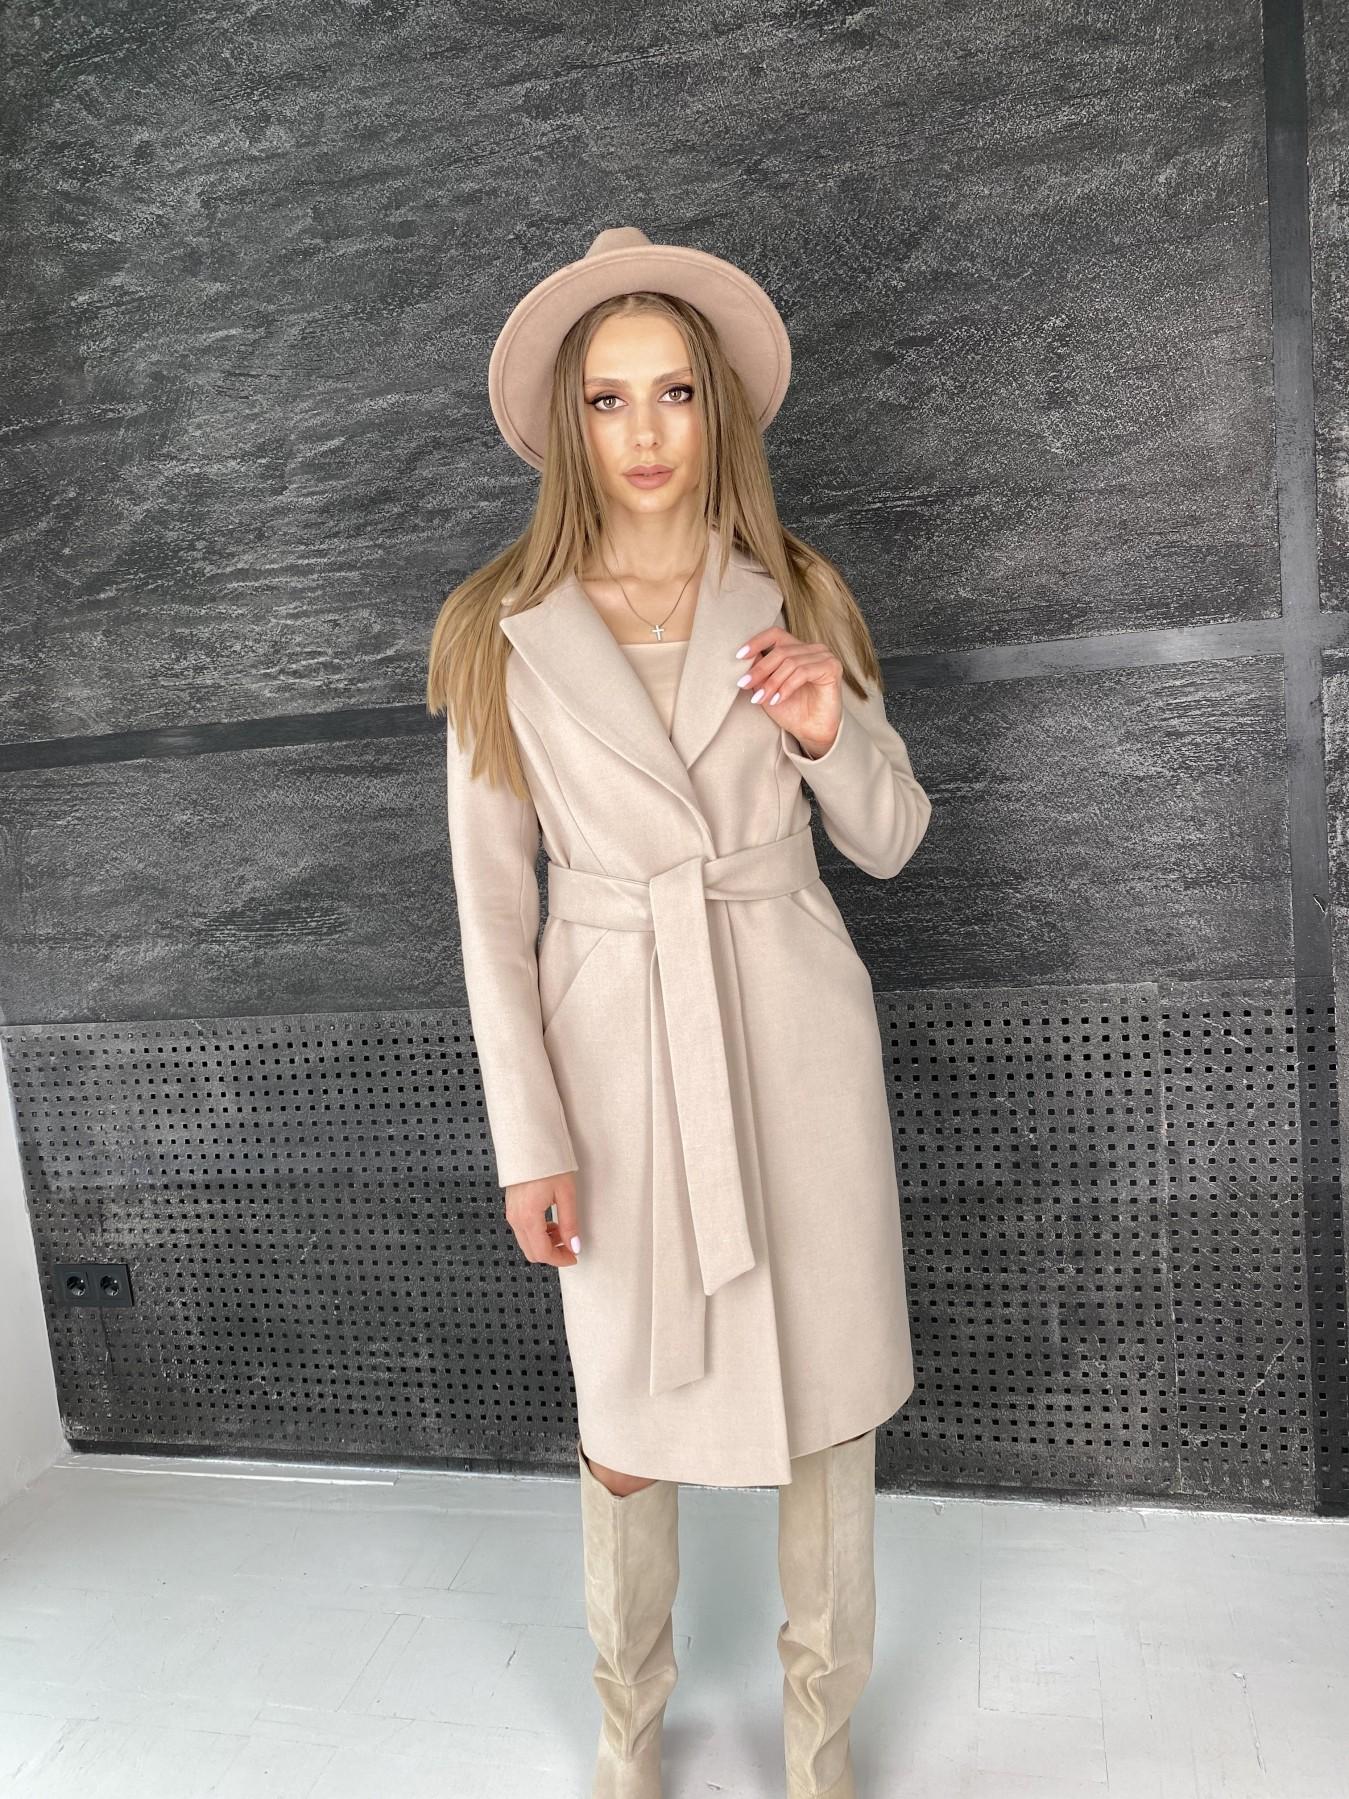 Мехико пальто из гладкого кашемира 10891 АРТ. 47360 Цвет: Бежевый - фото 6, интернет магазин tm-modus.ru